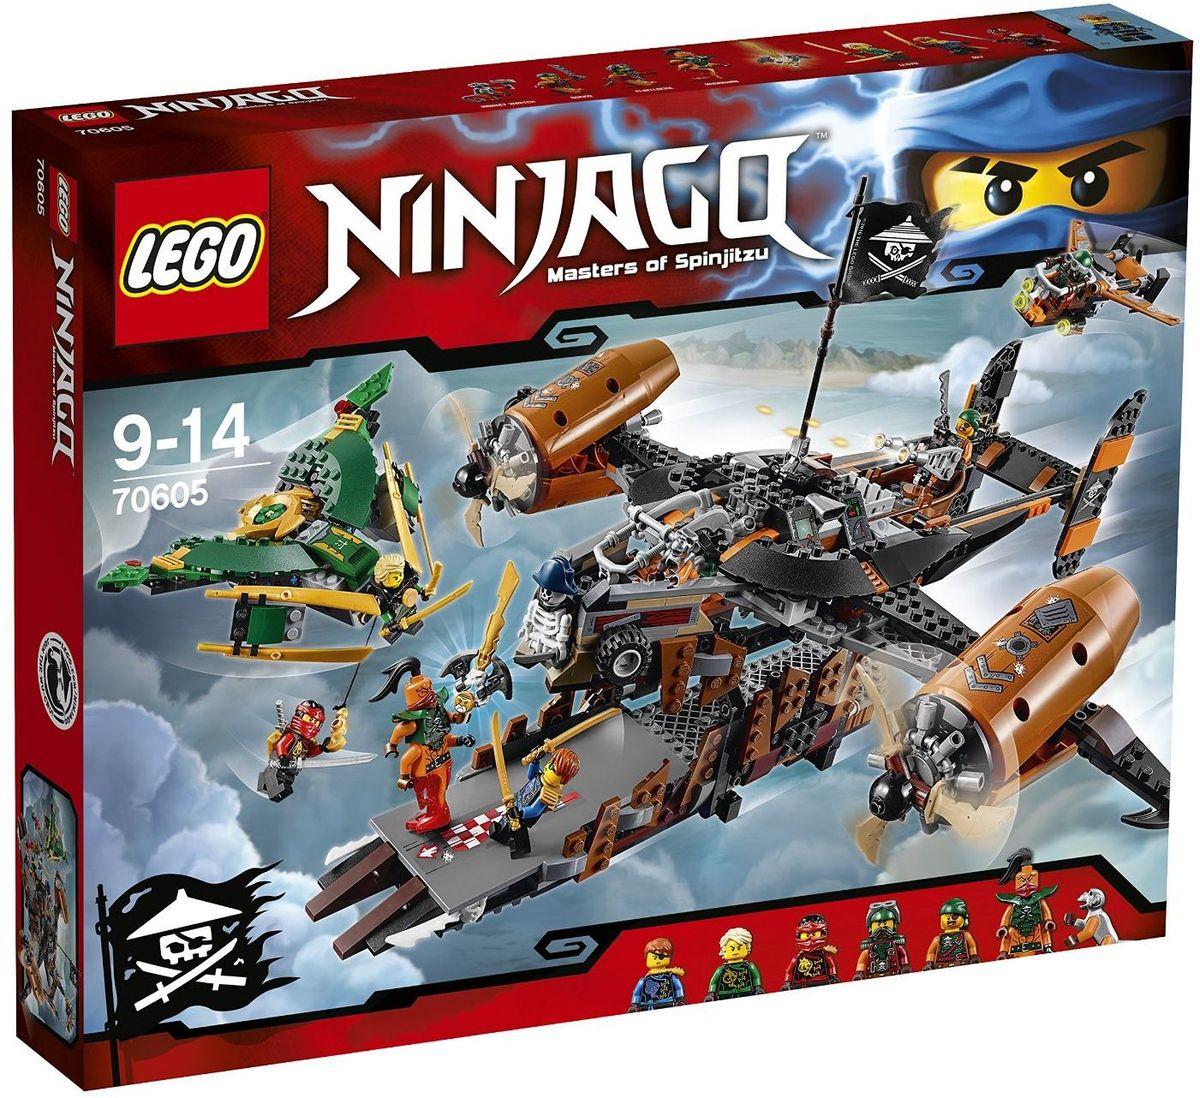 LEGO NINJAGO Конструктор Цитадель несчастий 7060570605Злой джинн Надахан и экипаж Цитадели несчастий грозят уничтожить Ниндзяго. Взмывай в небо на реактивном самолёте Ллойда и используй лебедку, чтобы спустить Джея прямо в гущу боя. Остерегайся скрытых пушек, дисковых шутеров и пиратского реактивного самолёта, который вот-вот взлетит из Цитадели несчастий. Сможешь ли ты помочь ниндзя победить Надахана и освободить Ву, заточённого в золотом Джинн-клинке? Конструктор LEGO NINJAGO Цитадель несчастий включает в себя 754 разноцветных пластиковых элемента с семью фигурками. Конструктор - это один из самых увлекательных и веселых способов времяпрепровождения. Ребенок сможет часами играть с конструктором, придумывая различные ситуации и истории.